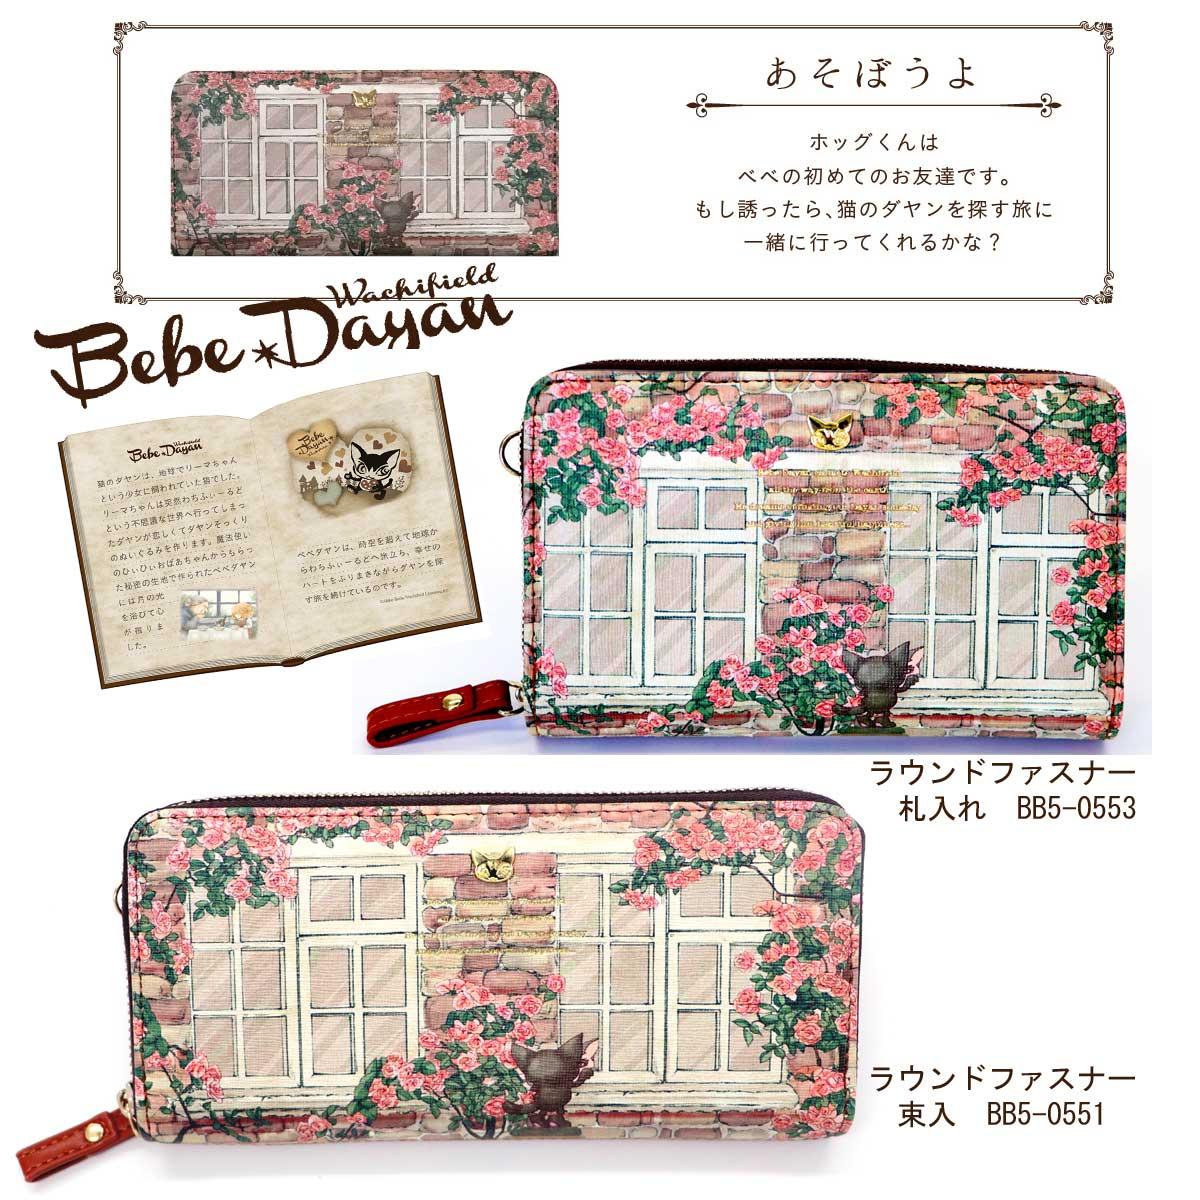 わちふぃーるど BebeDayan ベベダヤン 財布 【あそぼうよ】